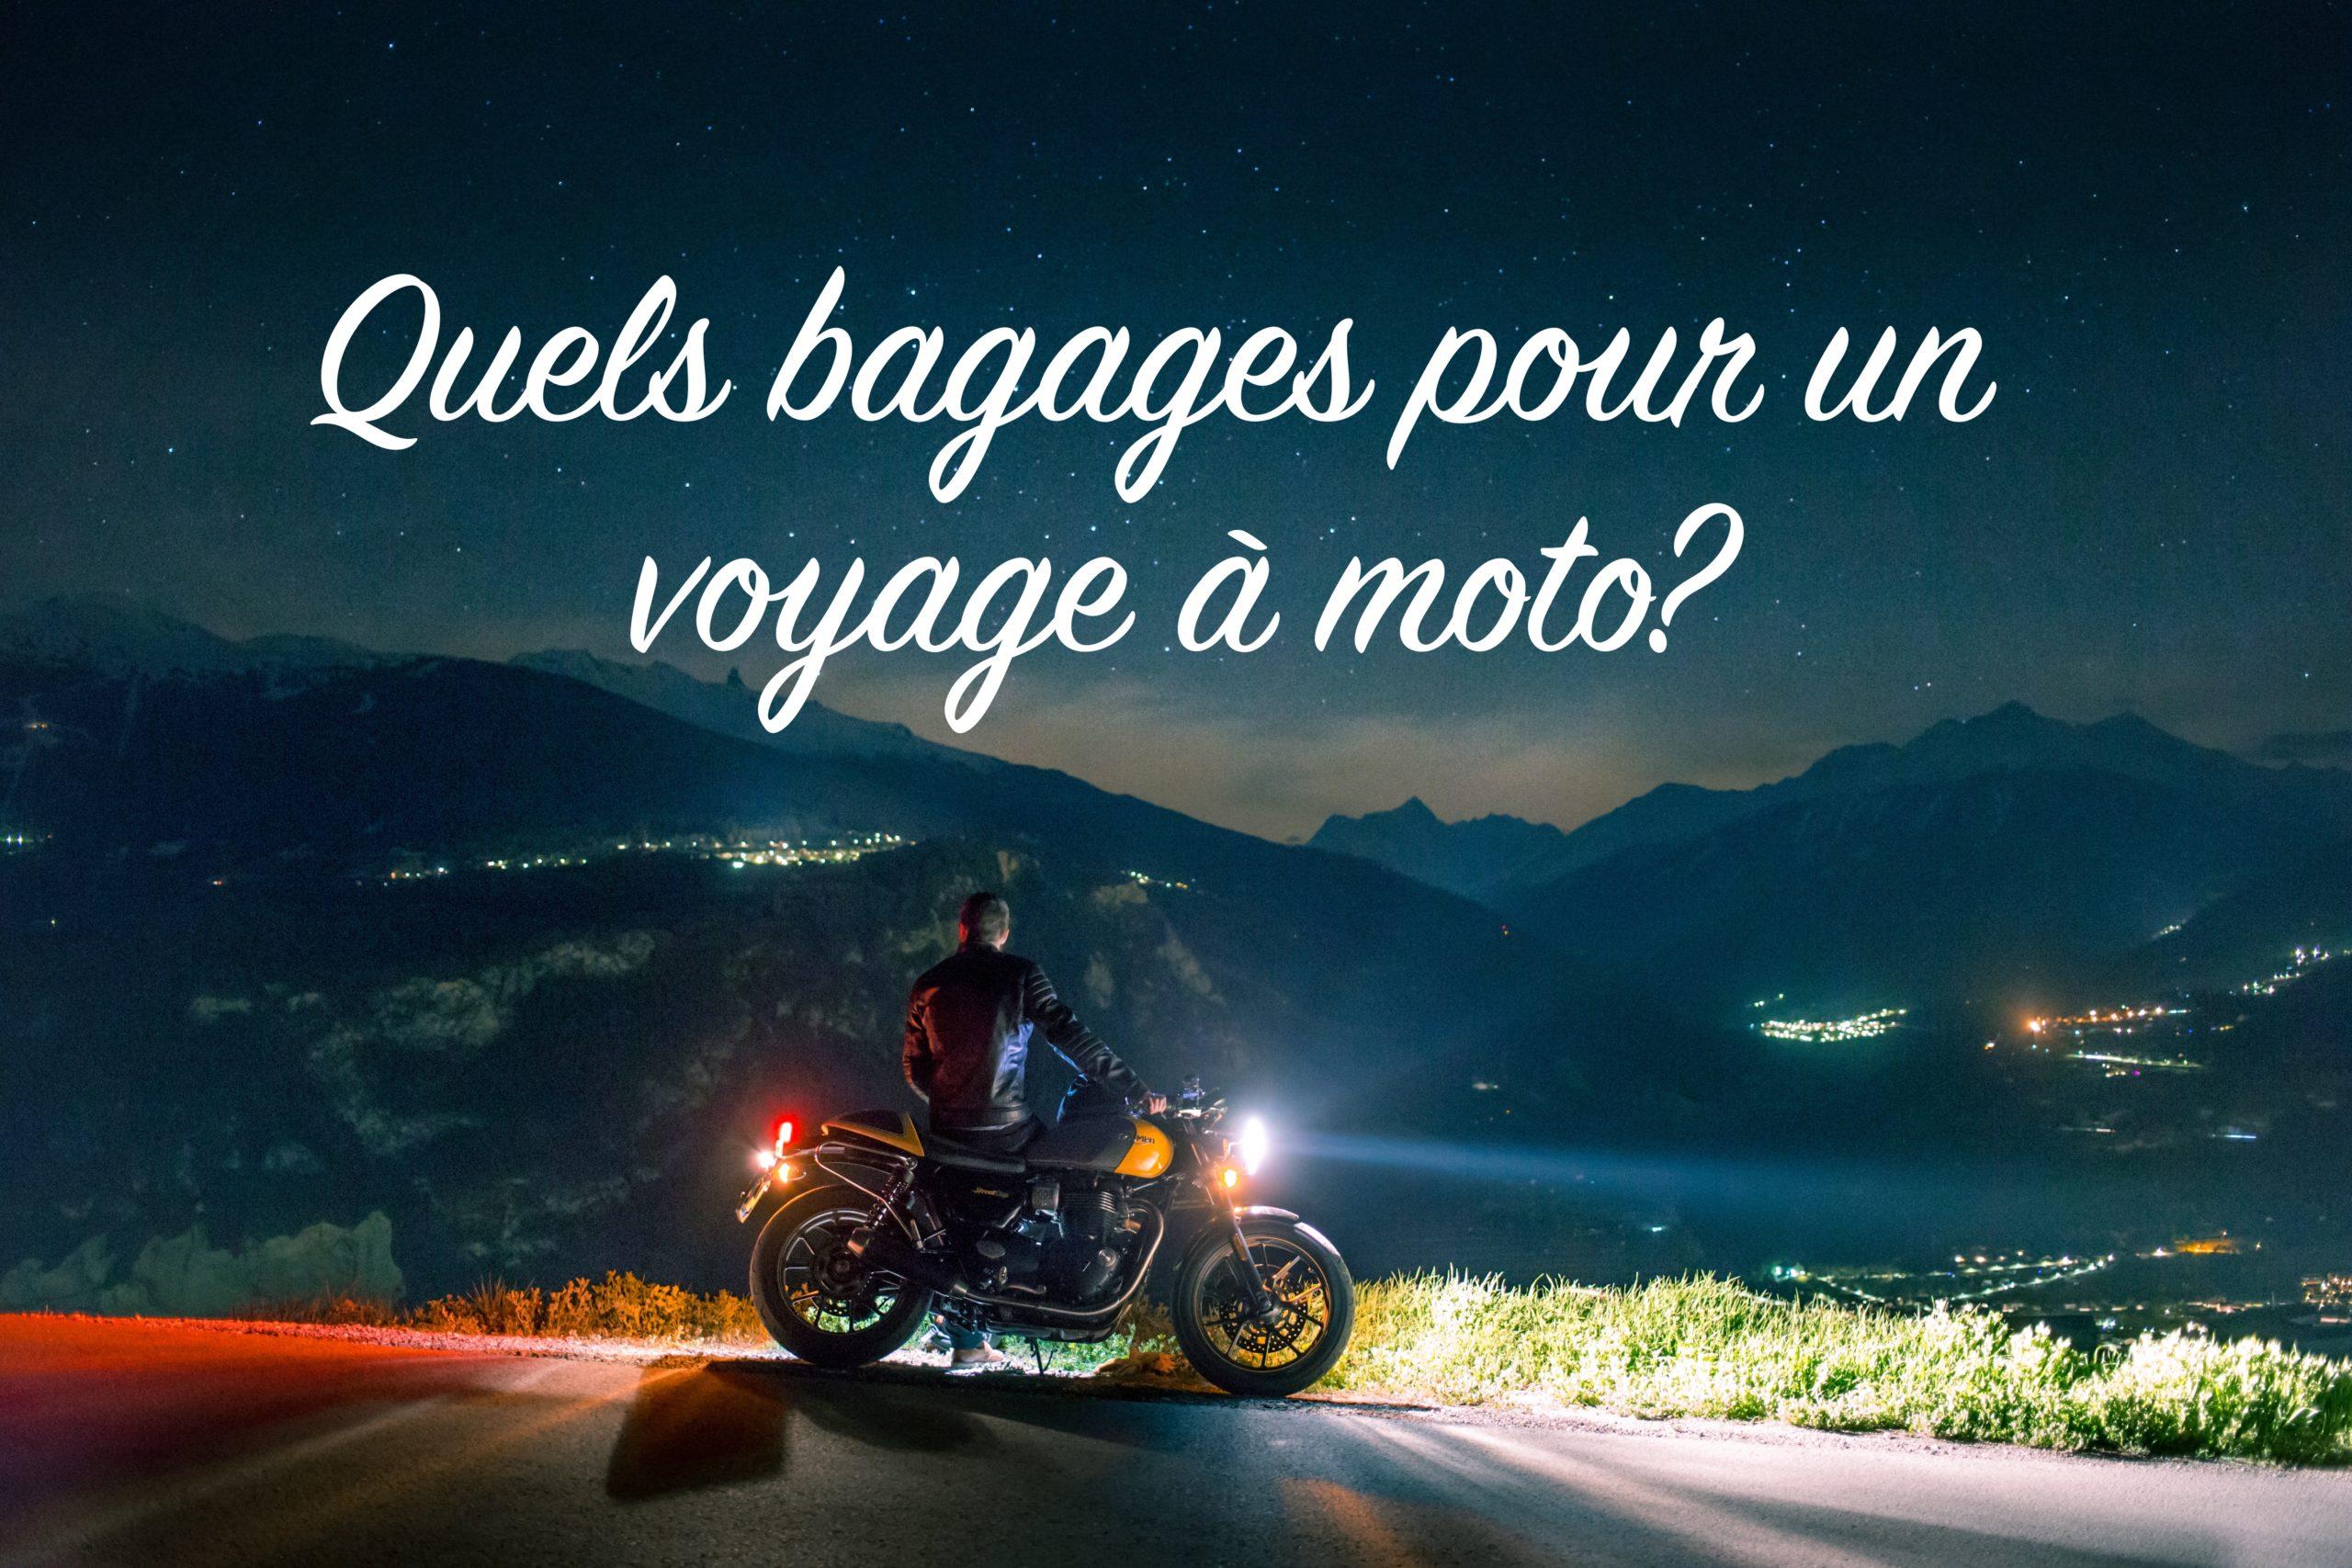 quels bagages pour un voyage à moto